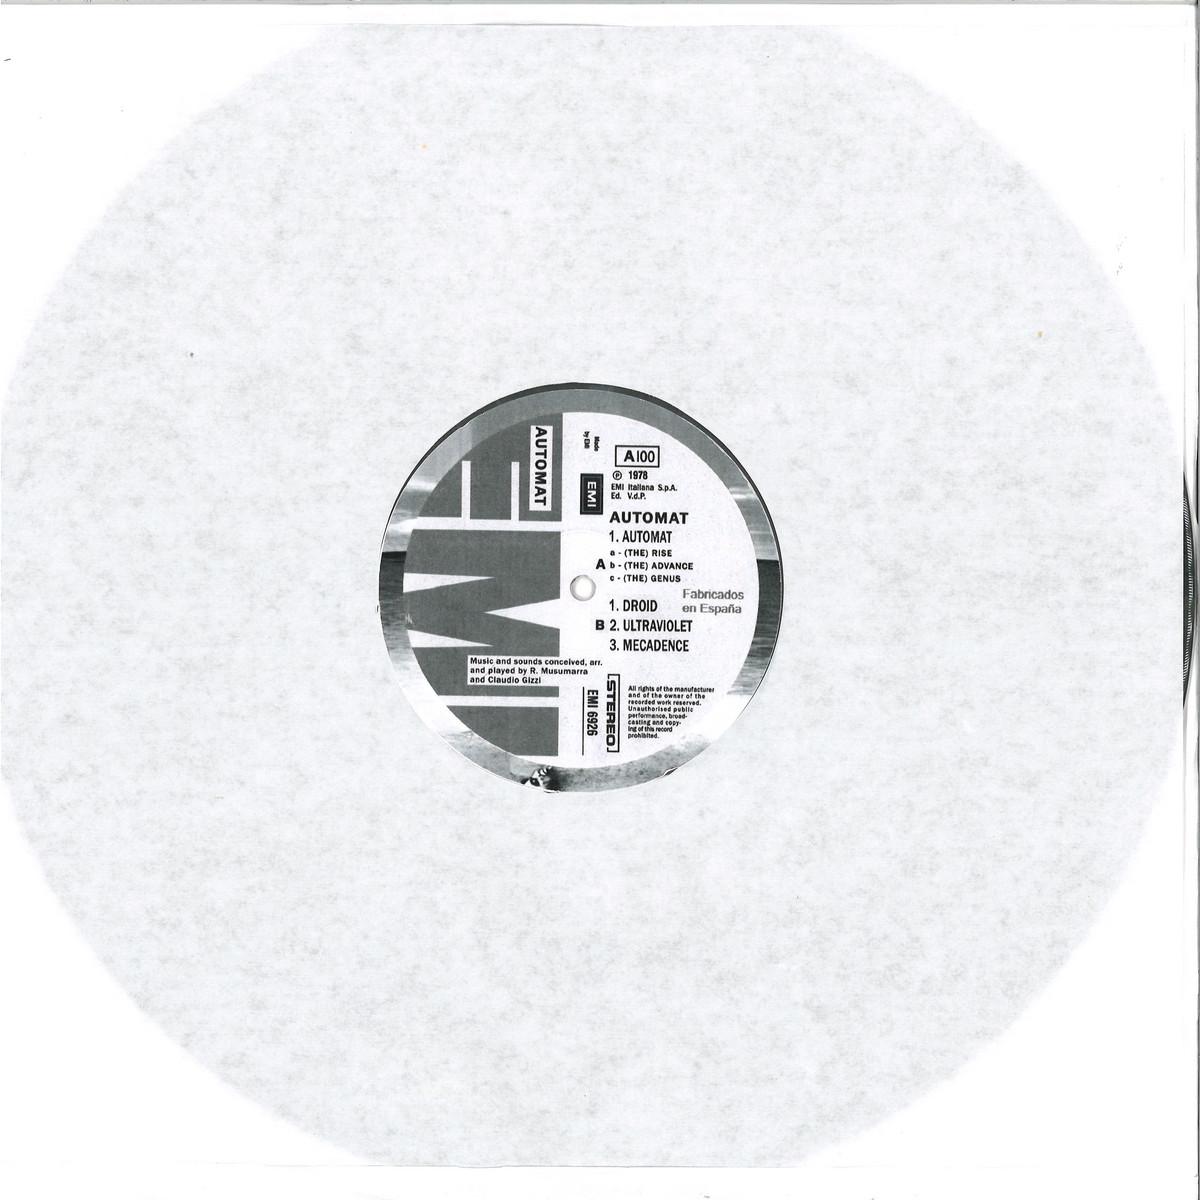 deejay de - not on label